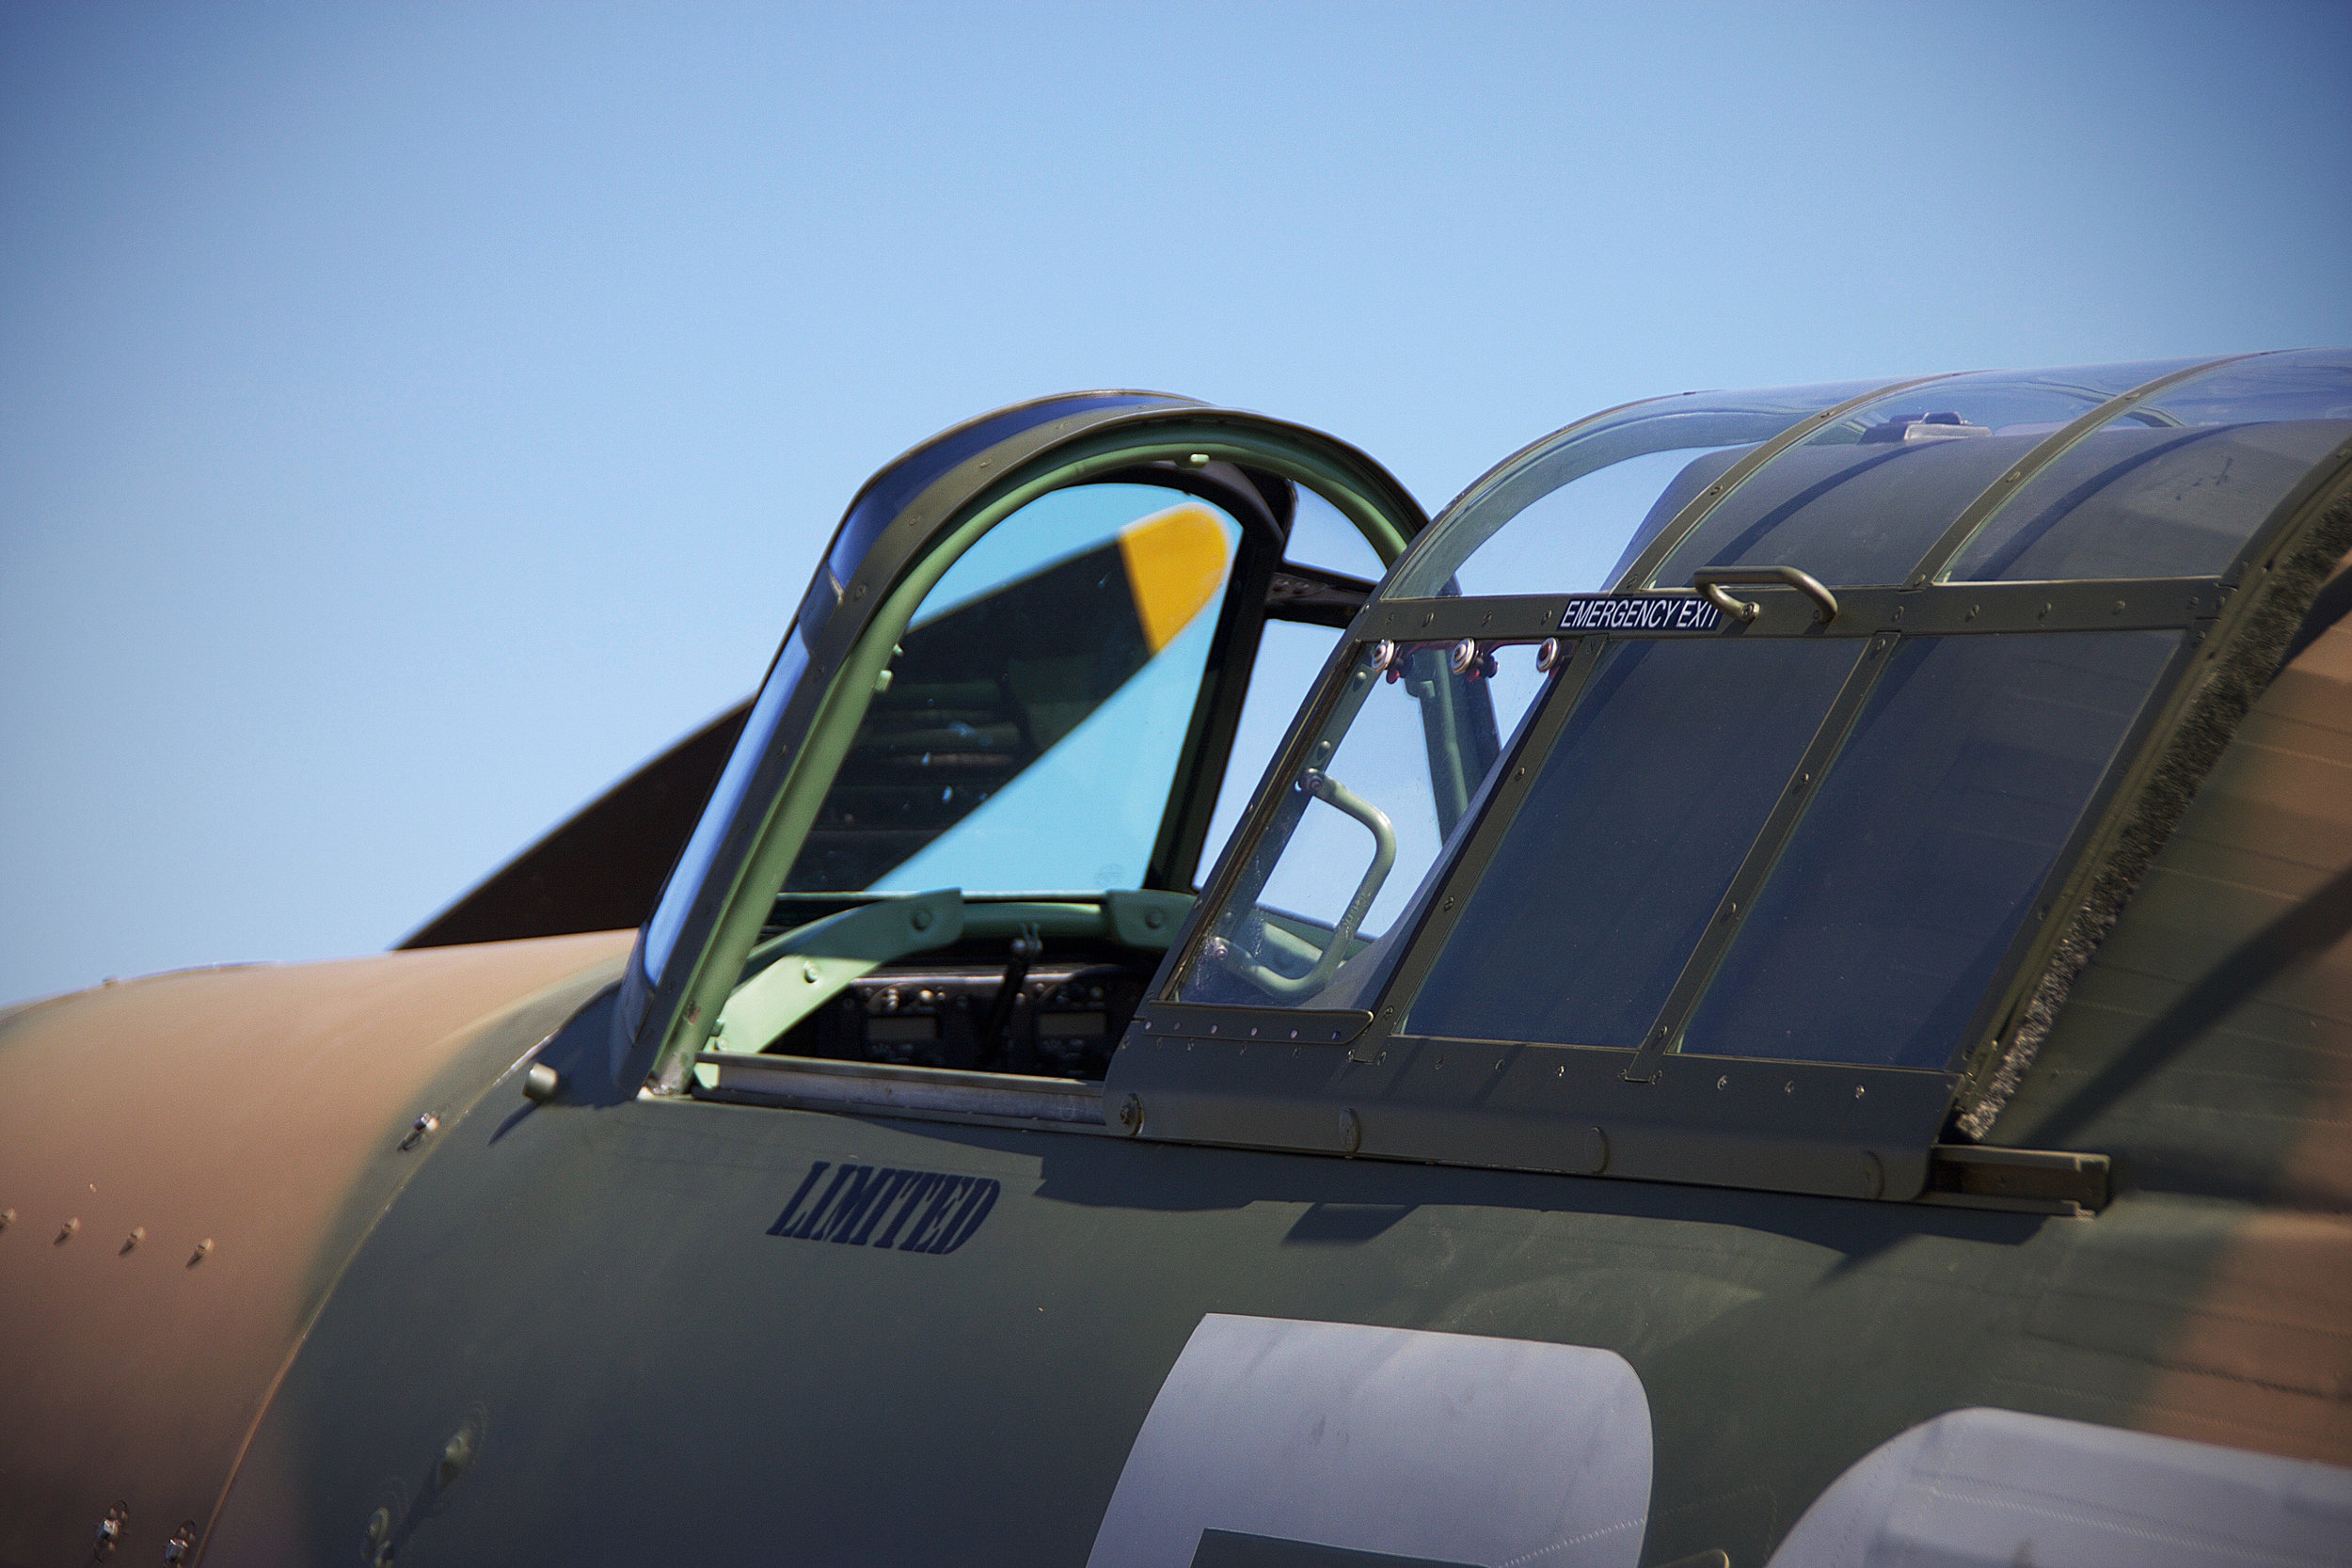 Cockpit detail